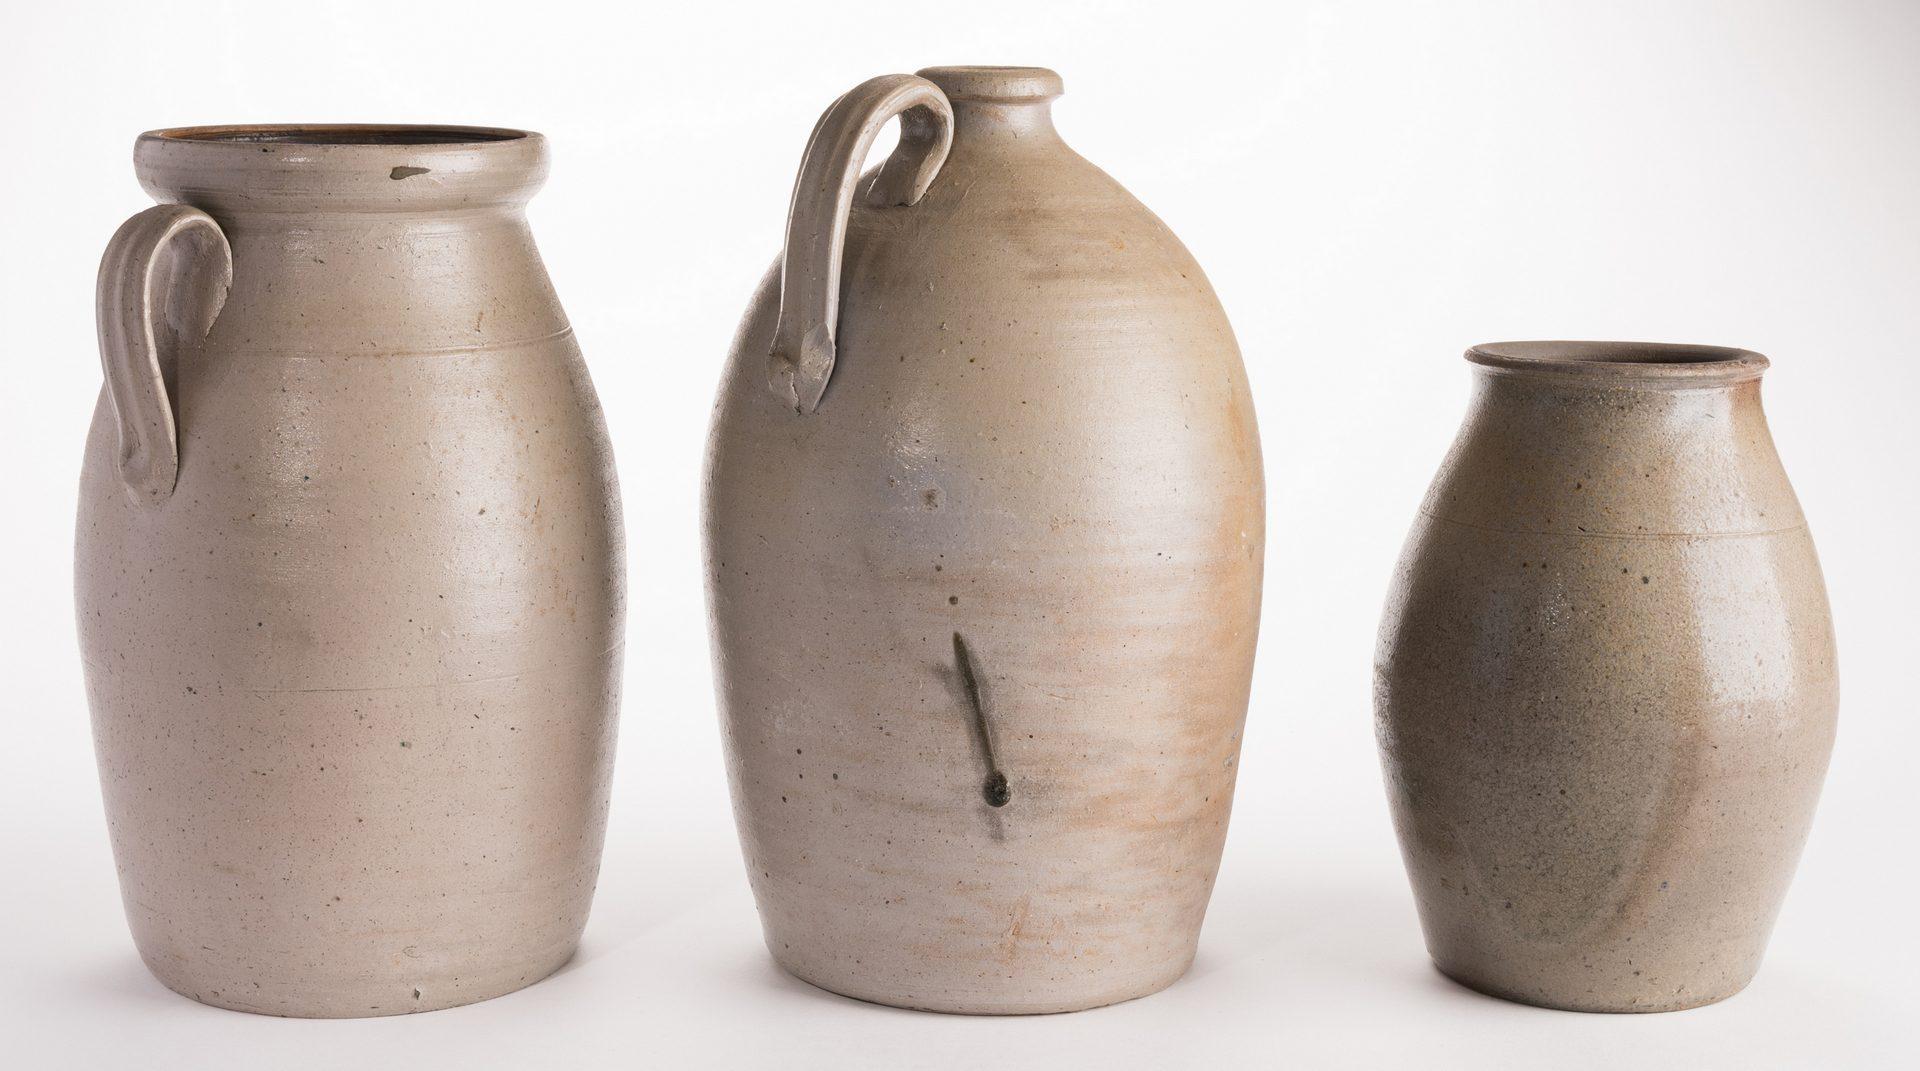 Lot 560: 3 Middle TN Stoneware Items, 2 Jars & 1 Jug